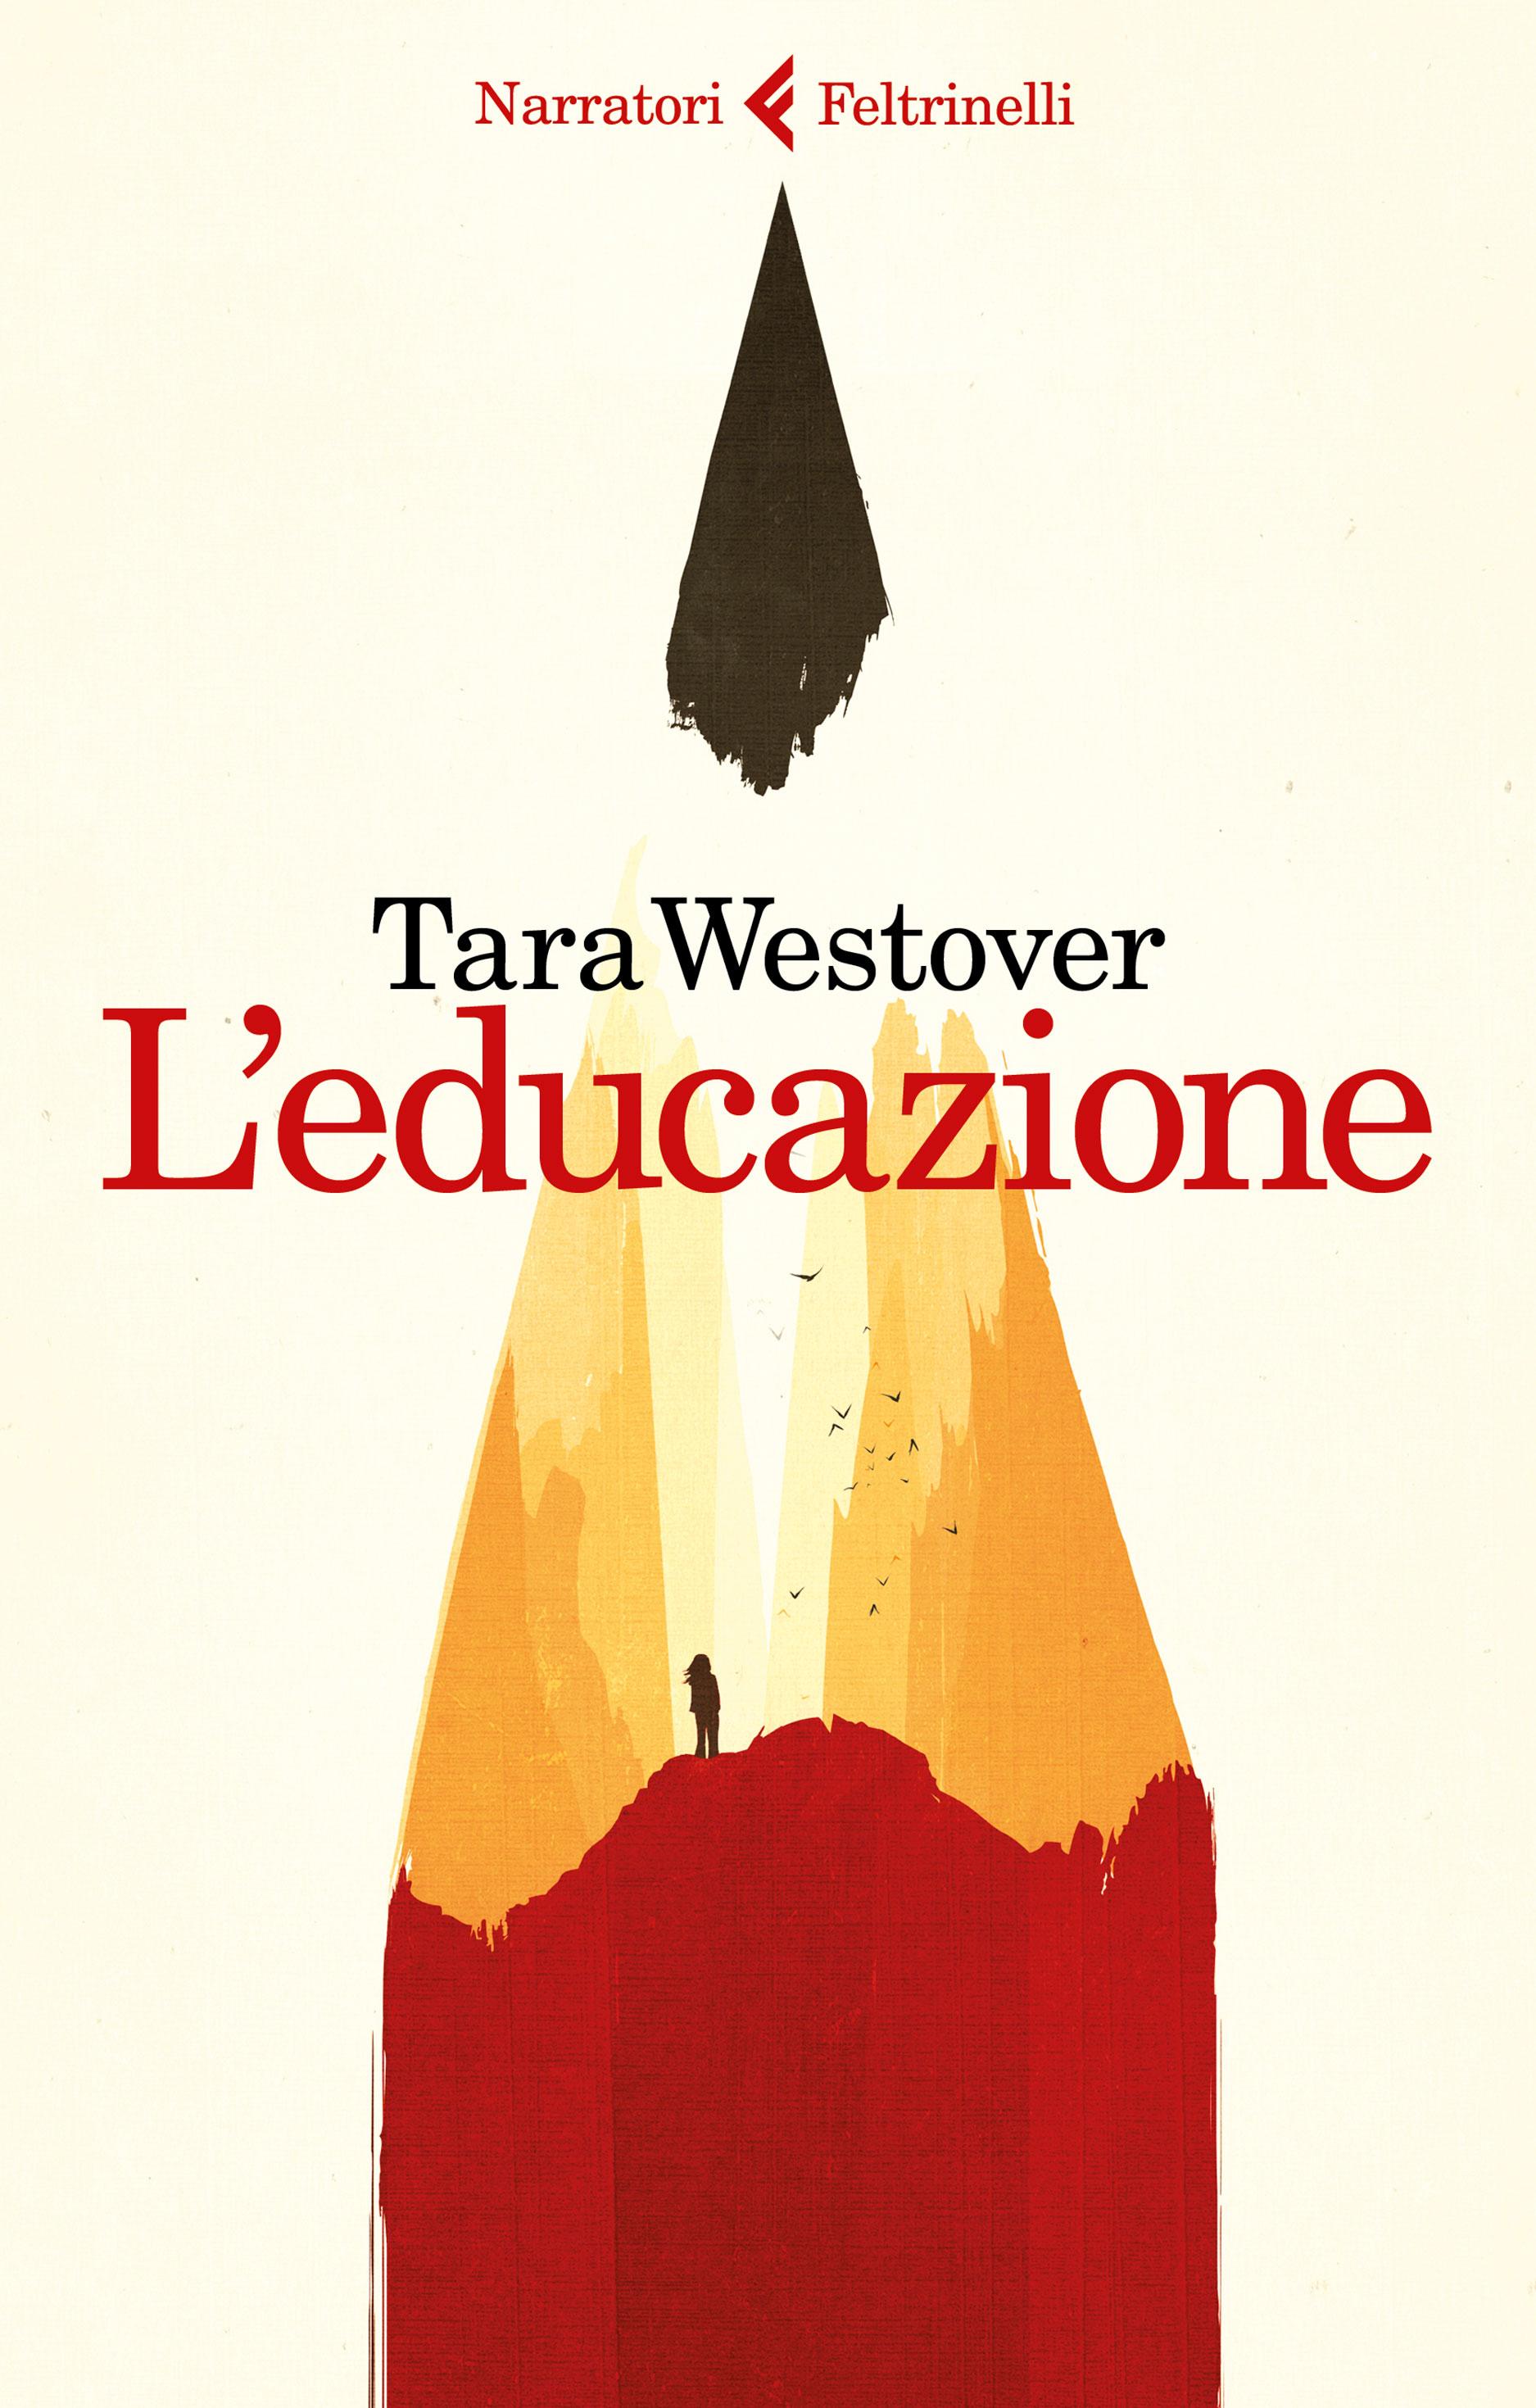 L'educazione, di Tara Westover